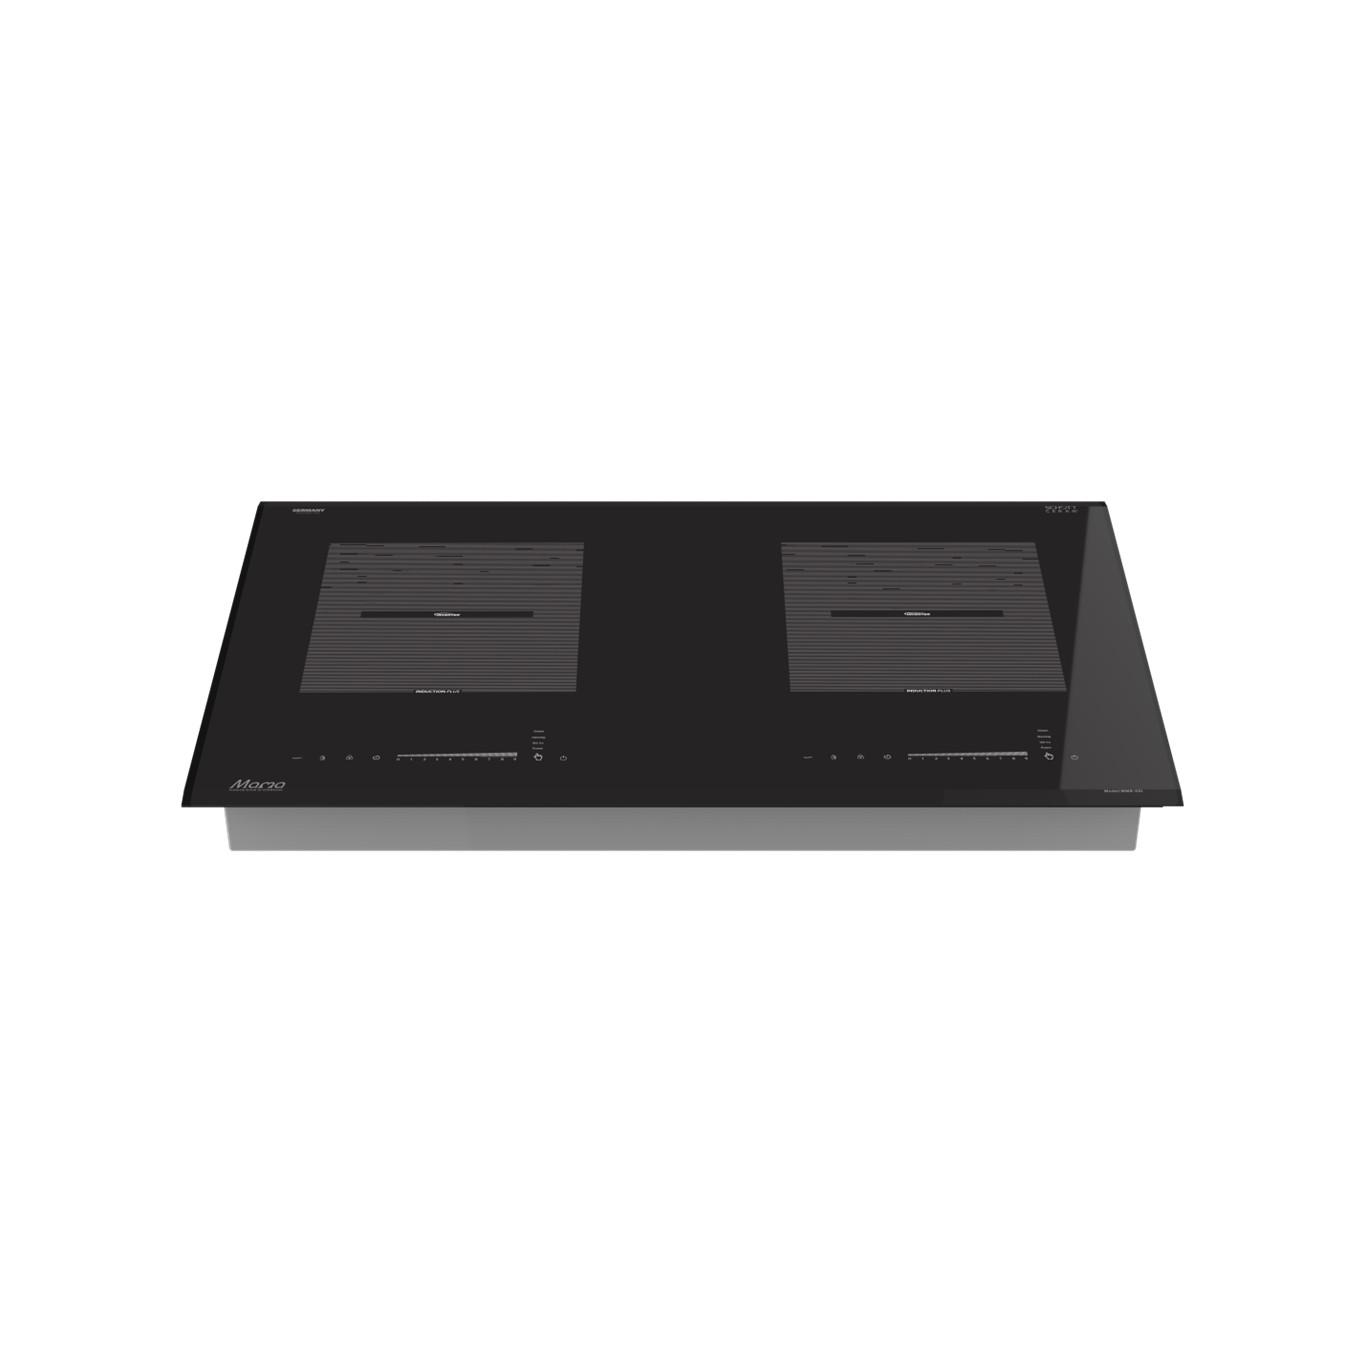 Bếp từ đôi Sunhouse MMB05I - Hàng chính hãng mặt kinh Schott, inverter tiết  kiệm điện, siêu bền - Bếp điện từ đôi